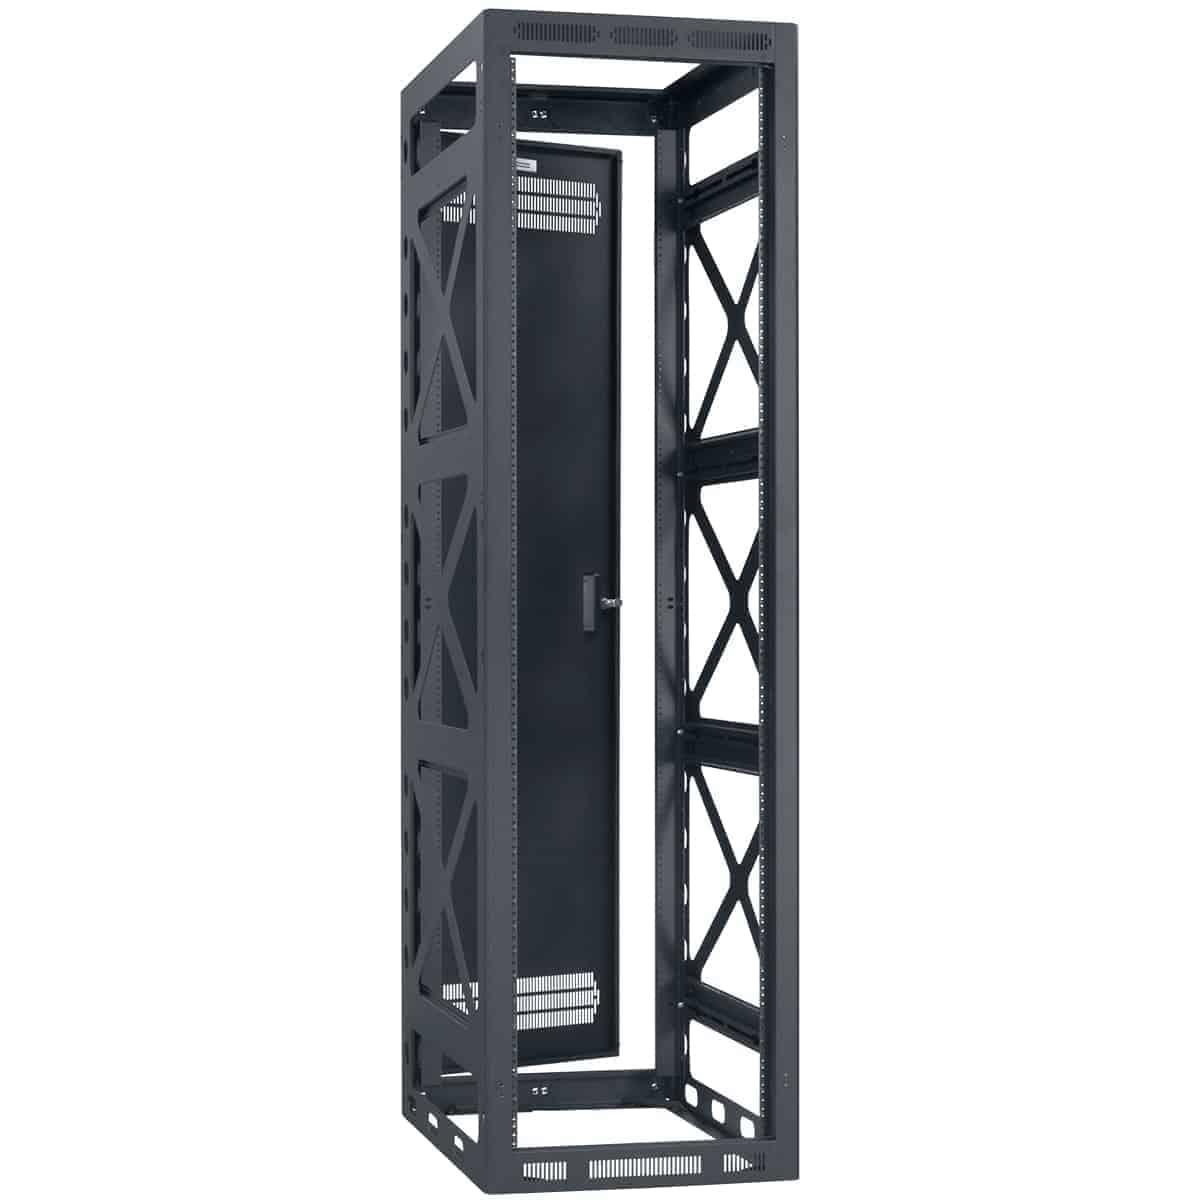 gangable rack